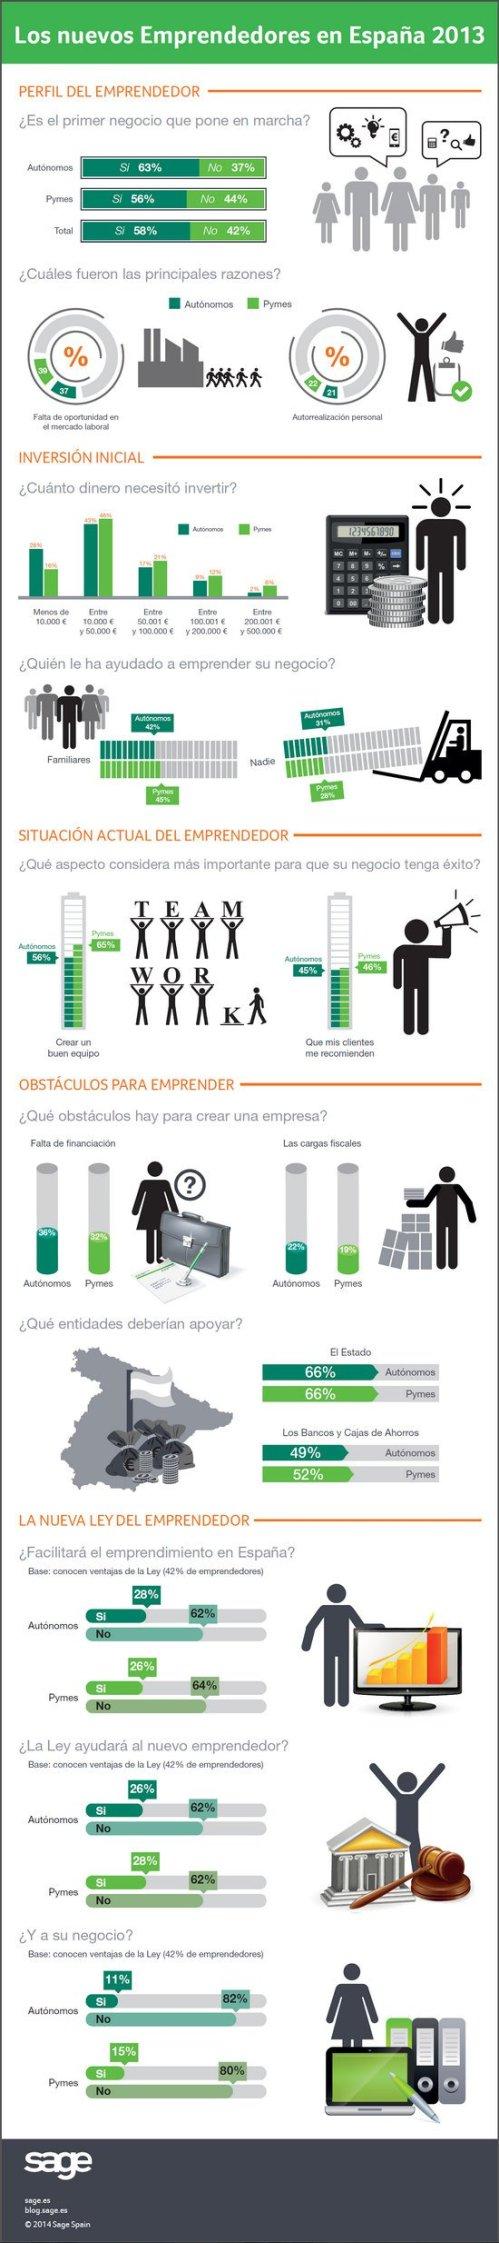 infografc3ada-los-nuevos-emprendedores-en-espac3b1a